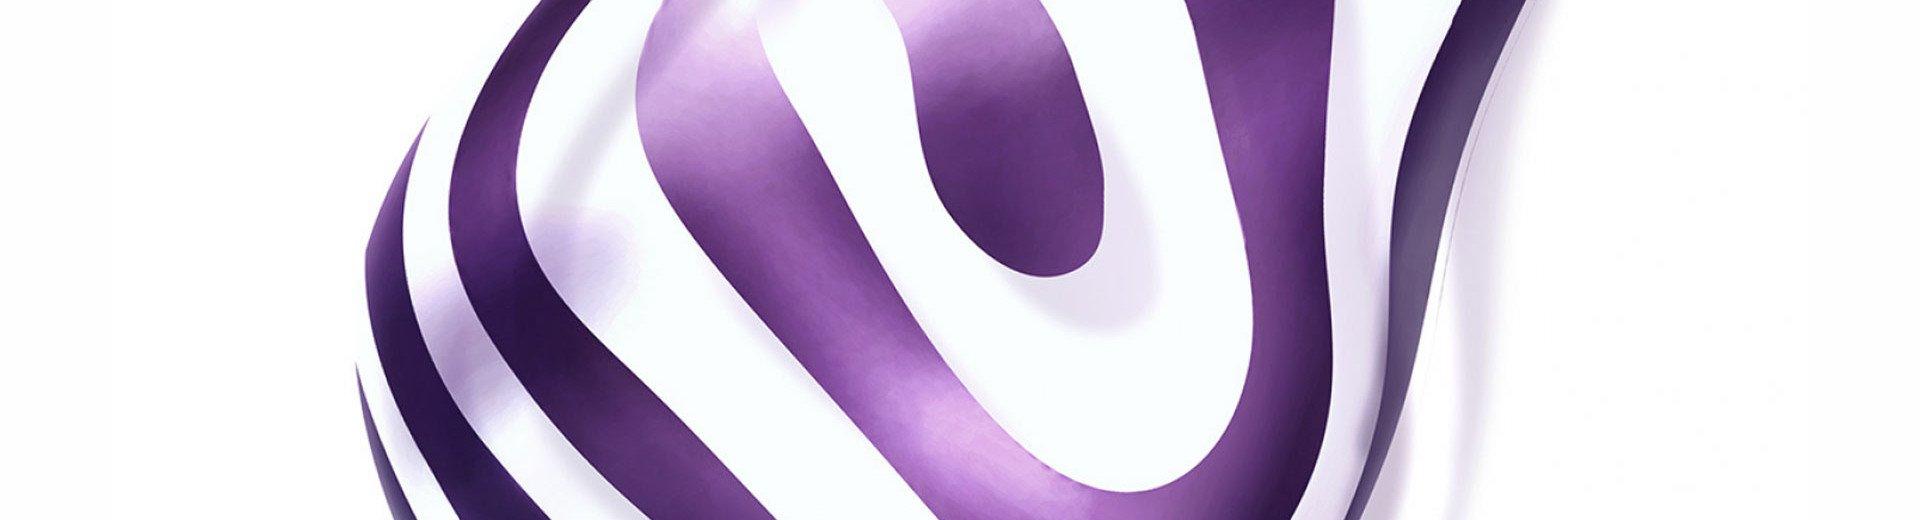 Okładka artykułu Play zastrzegł fiolet w Urzędzie Patentowym — Kolejna rejestracja koloru jako znaku na polskim rynku